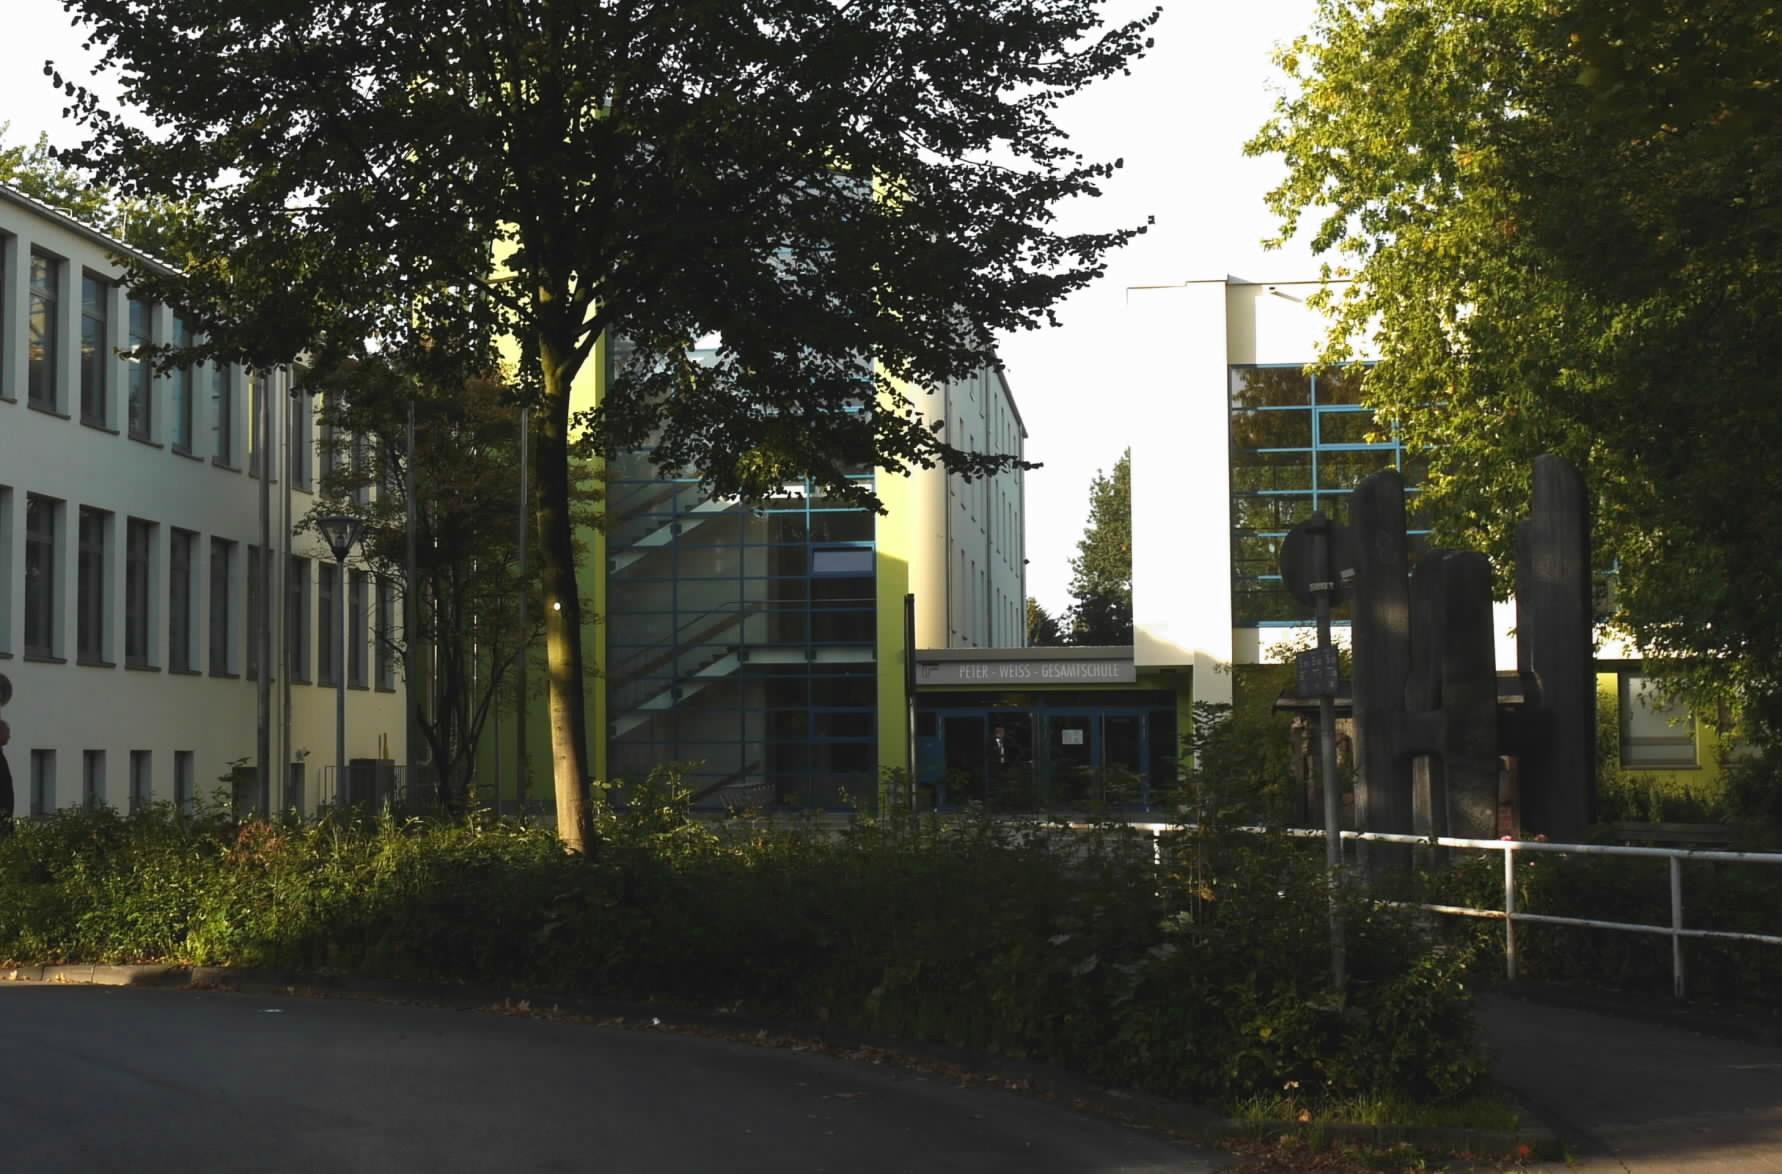 Peter-Weiss-Gesamtschule